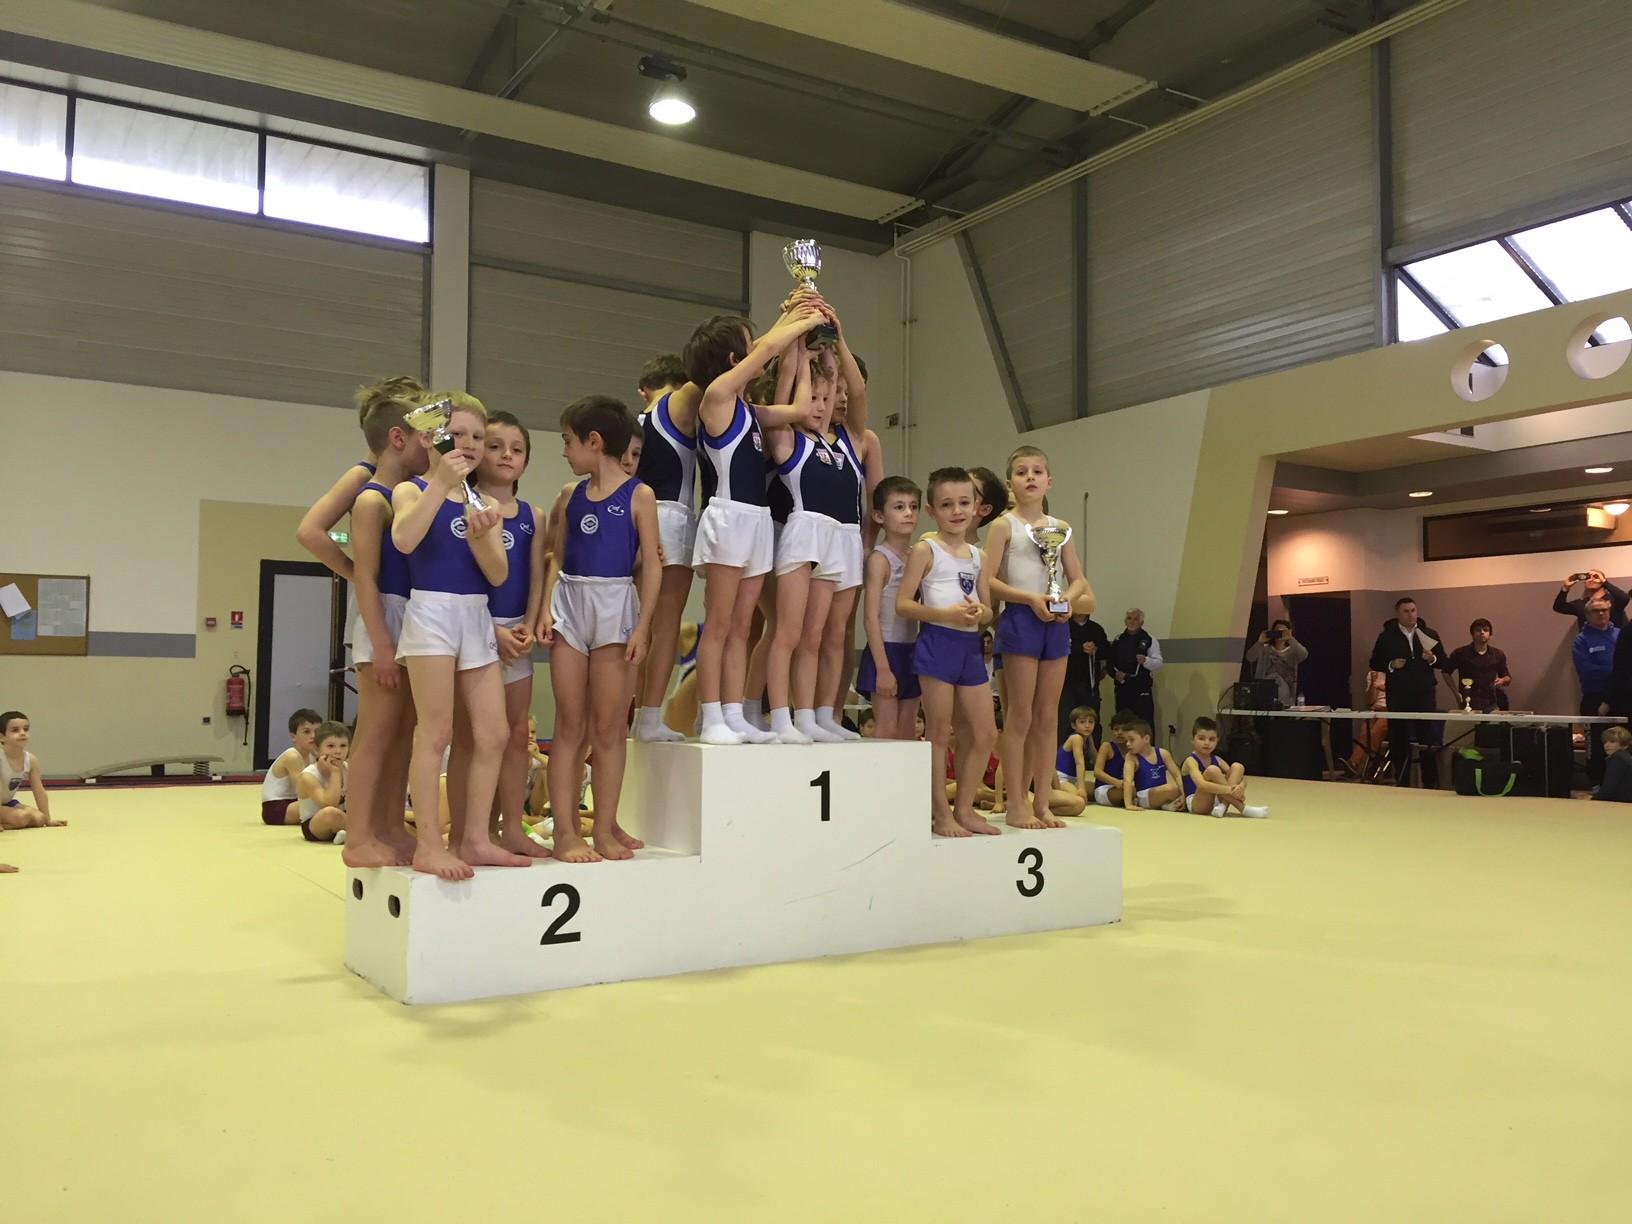 Podium Equipes Jeunes Poussins: 1er Ecureuils de Soustons, 2ème UG St Paul Lès Dax, 3ème Jeanne d'Arc de Dax